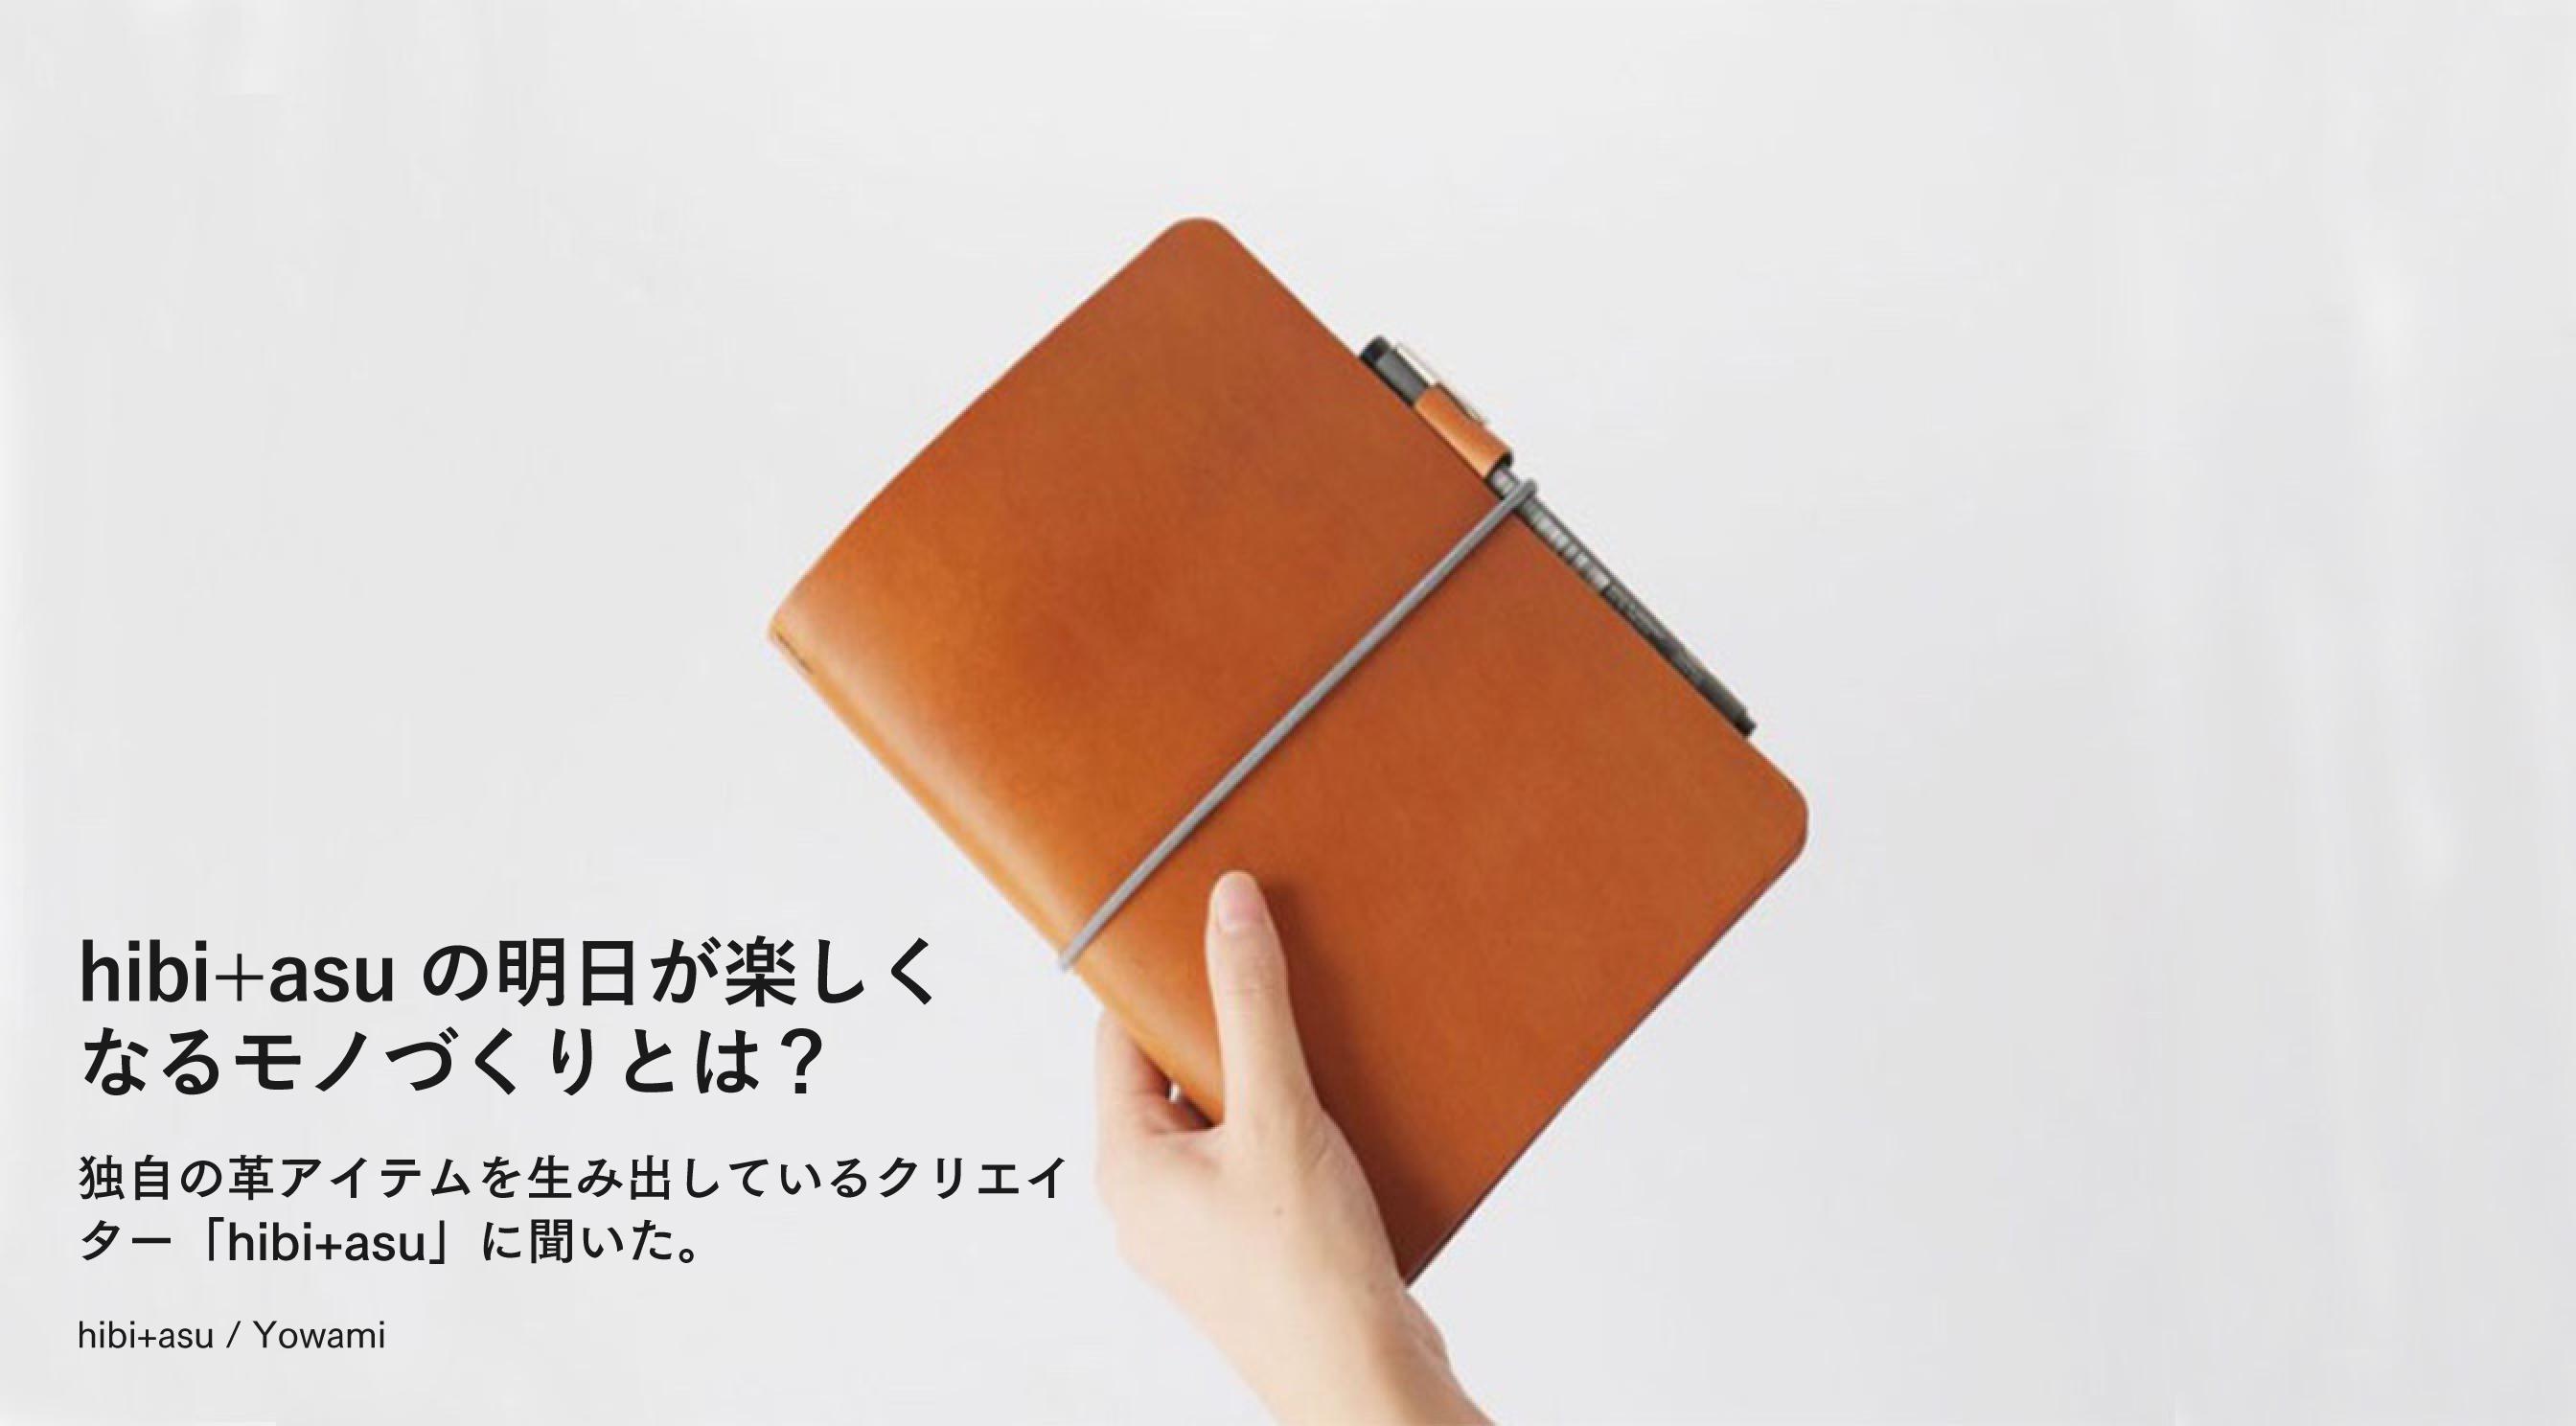 「暮らしに寄り添い伝統を作る」hibi+asuの明日が楽しくなるモノづくりとは?